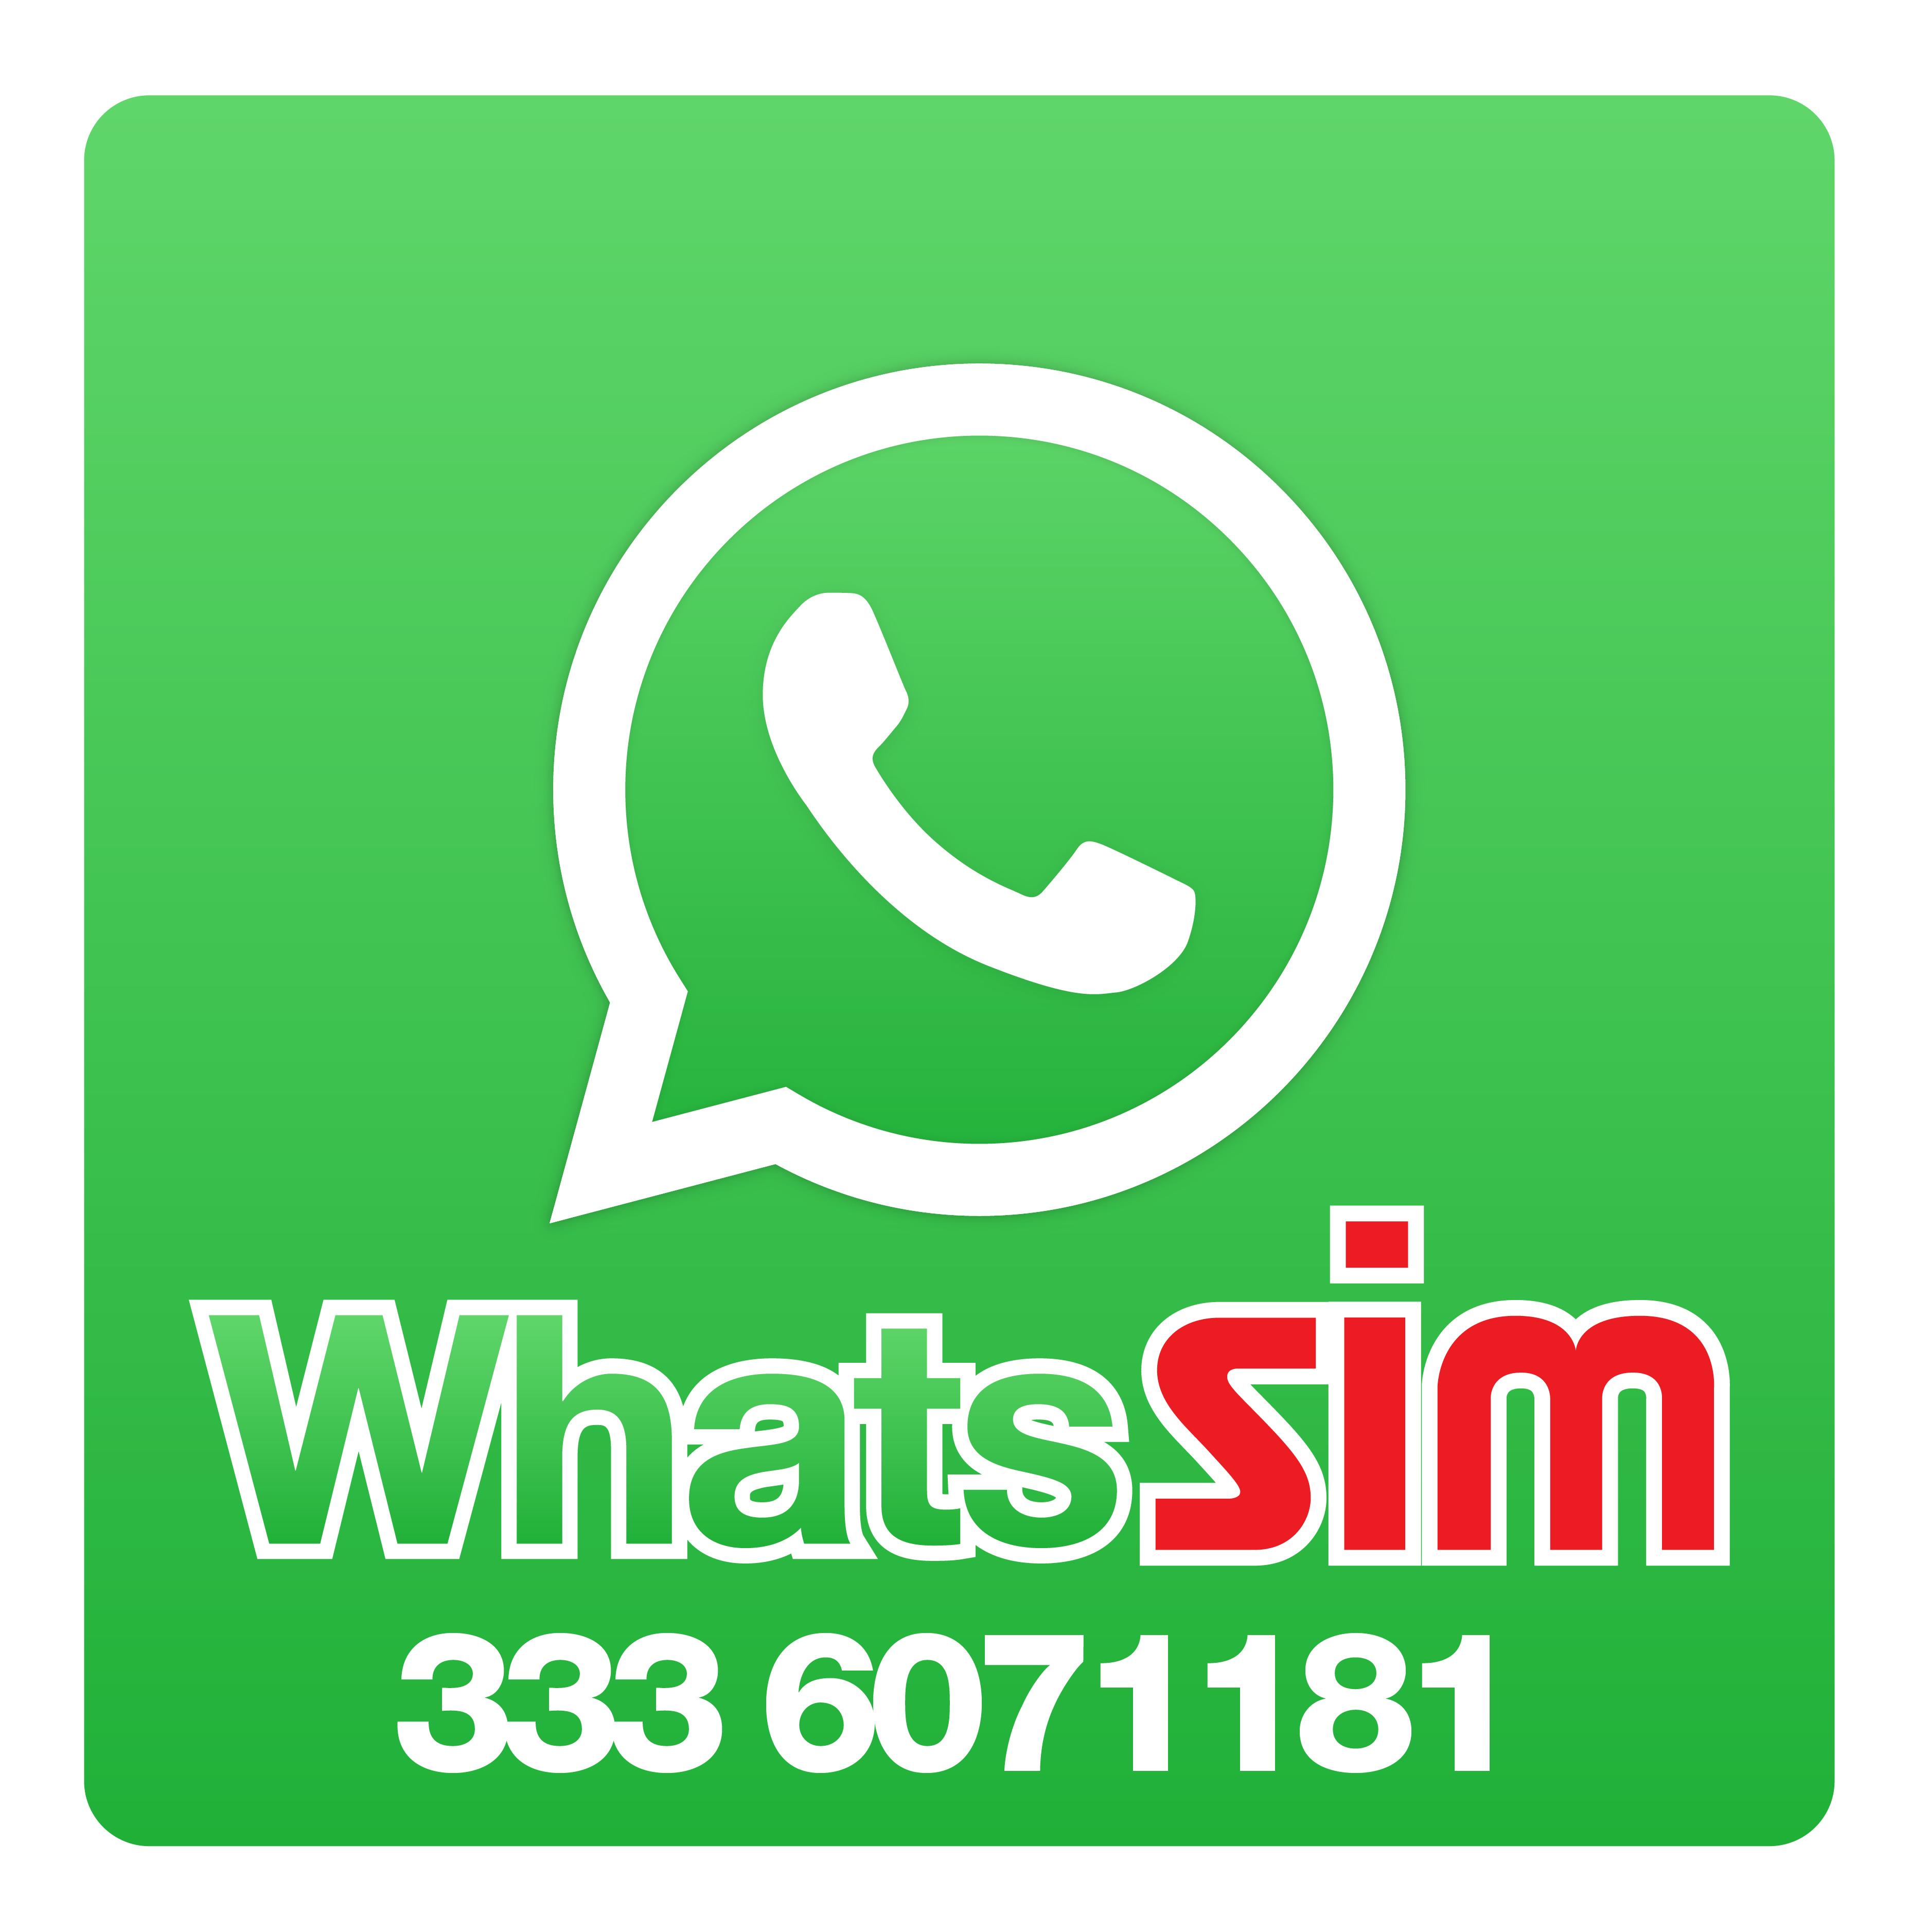 Compravendita immobiliare il valore aggiunto whatsapp - Compravendita immobiliare avvocato 2015 ...